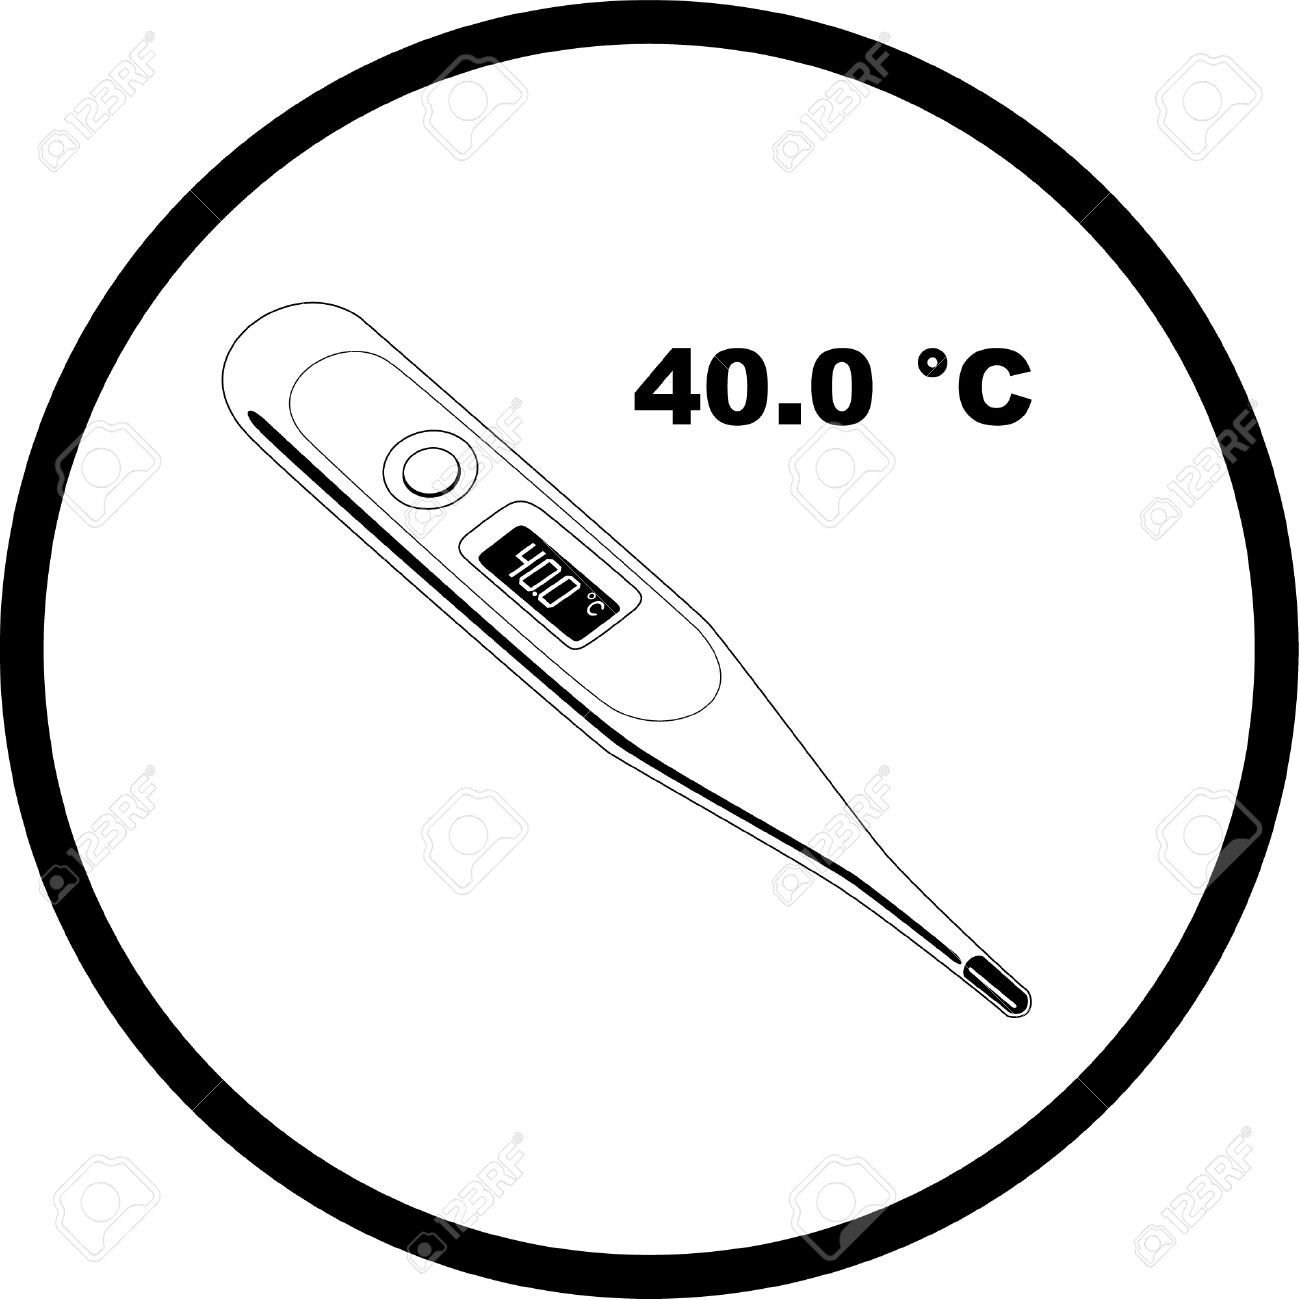 Degrees Celsius Clipart